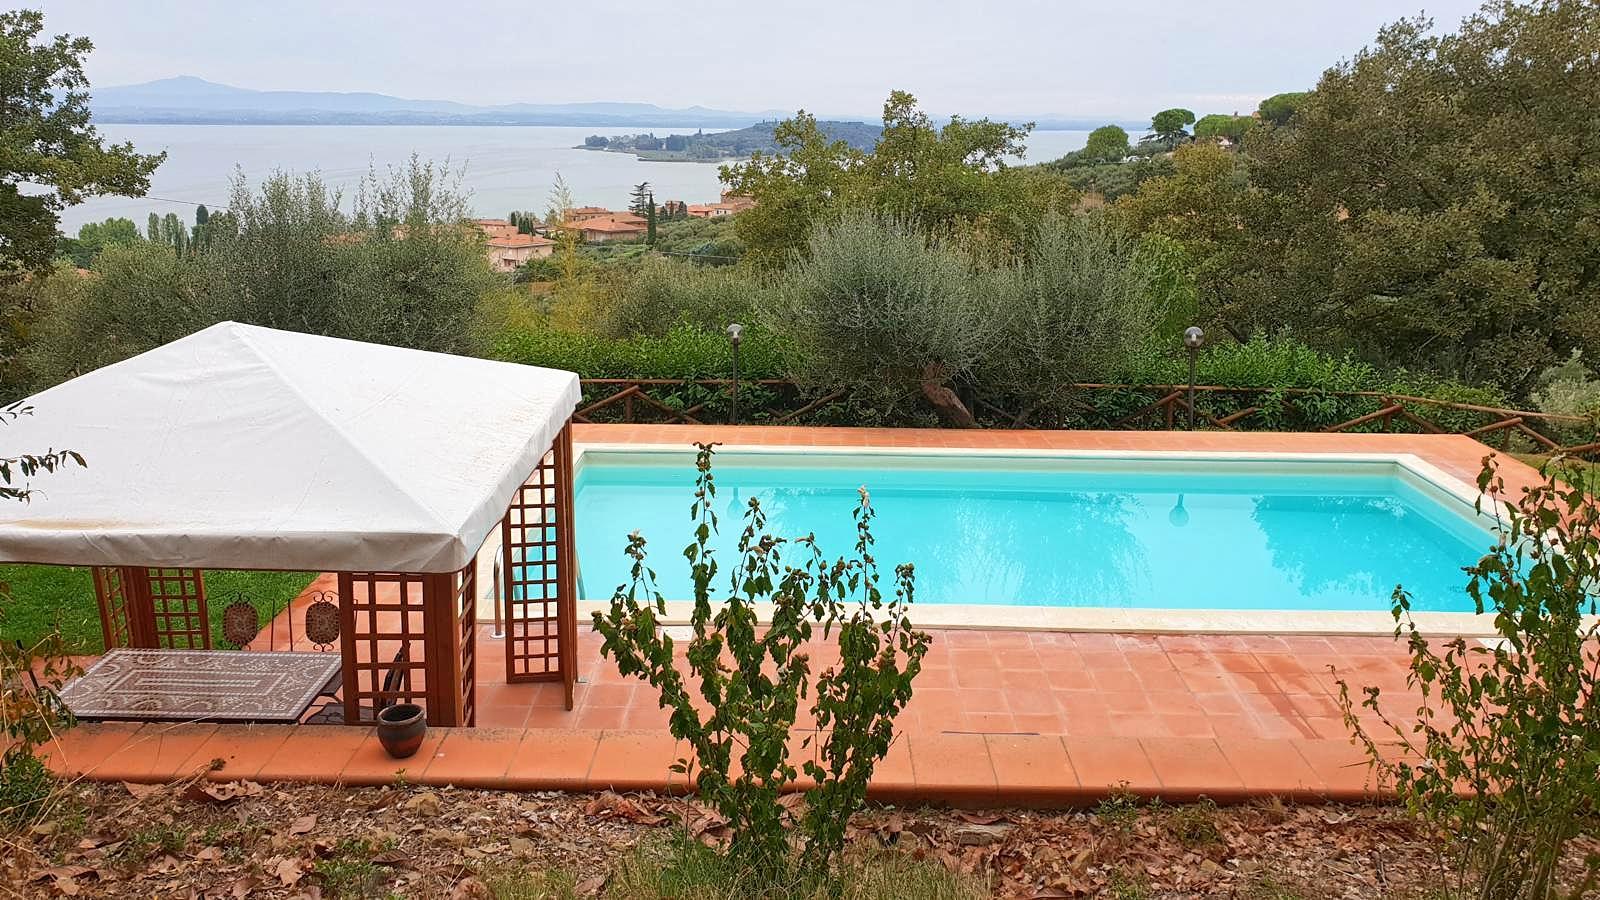 Vakantiehuis in San Feliciano met zwembad, in Umbrie.